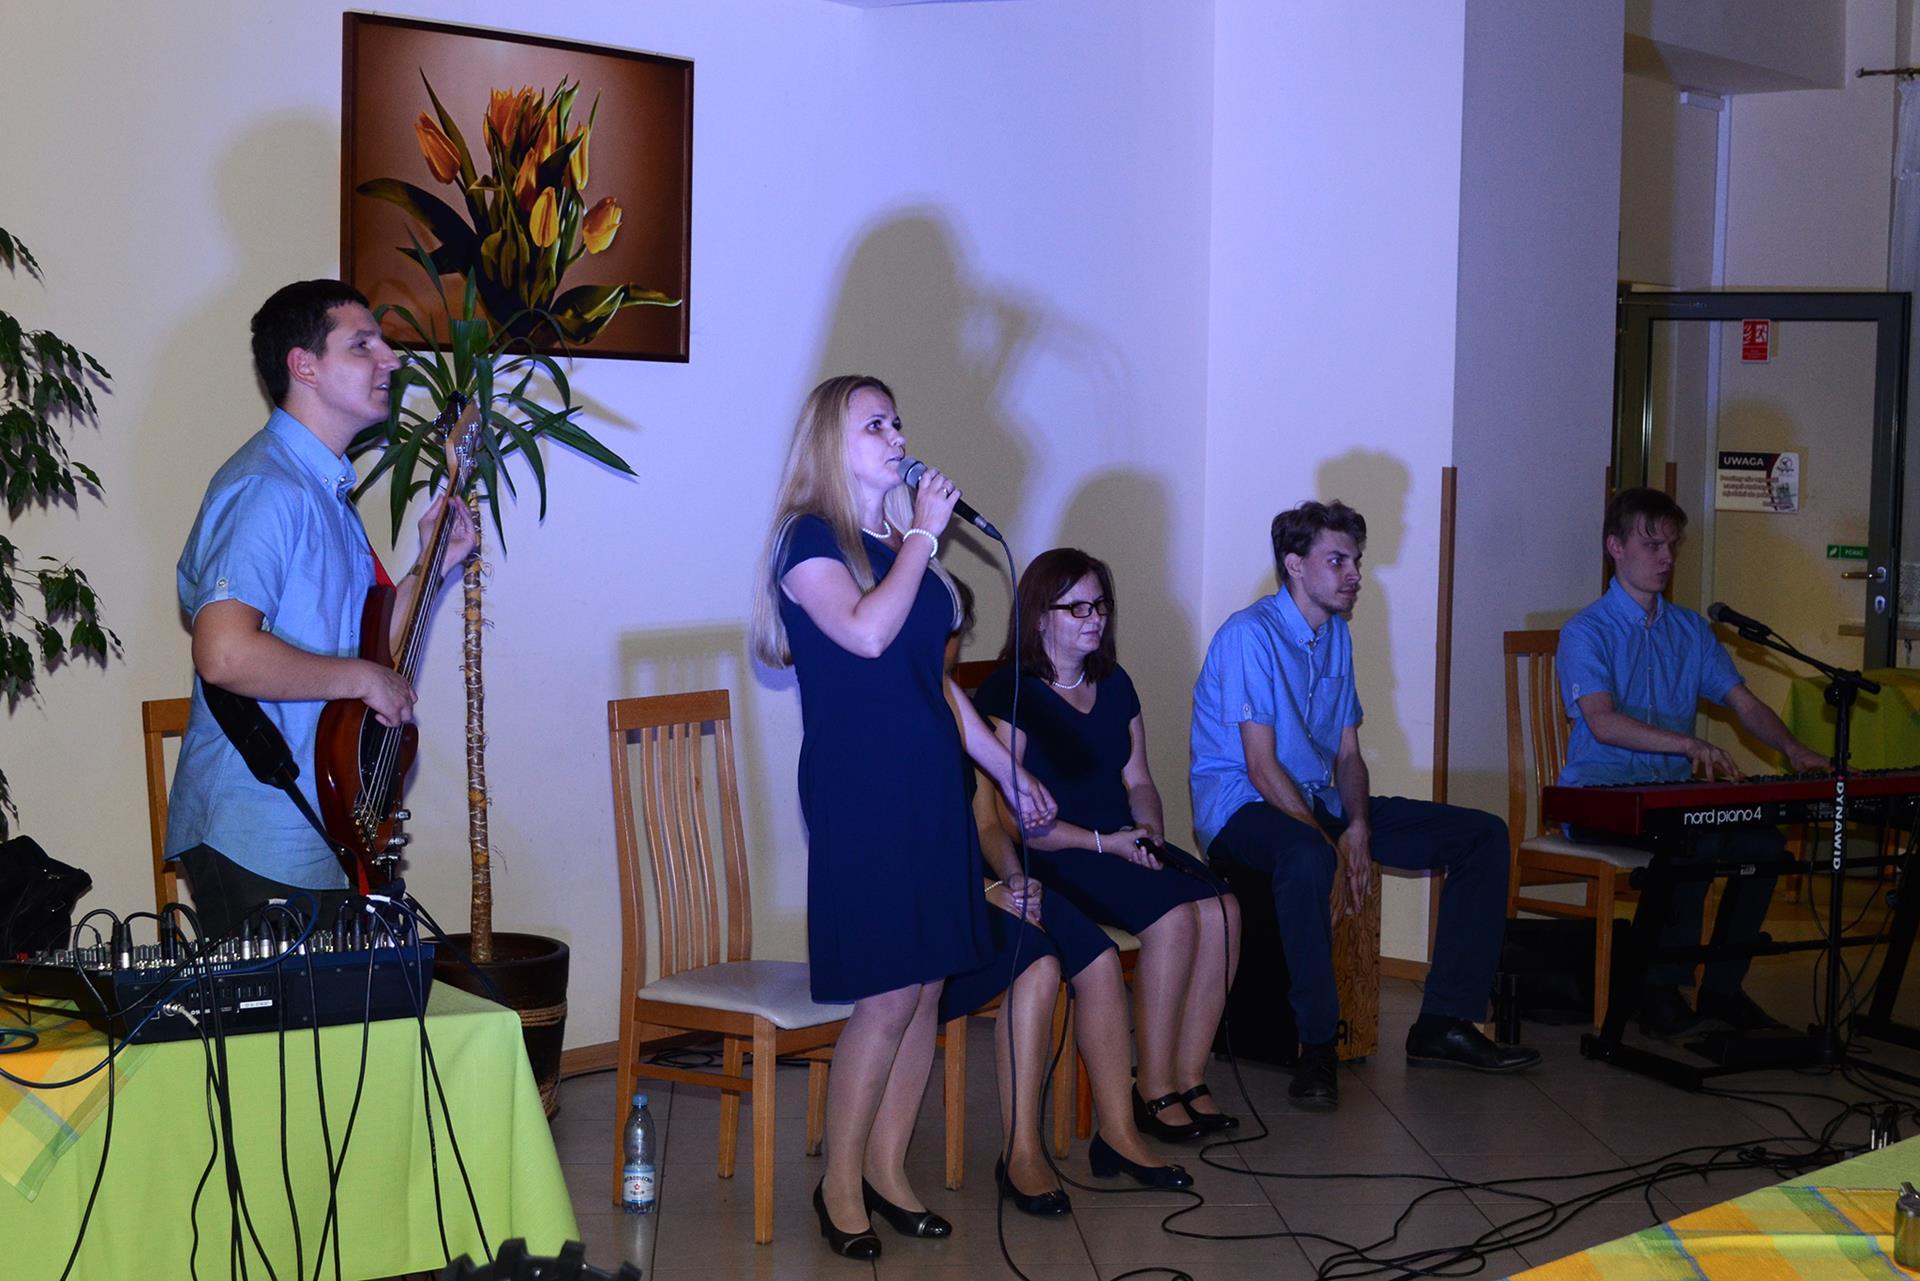 Na zdjęciu znajduje się 6 osób. Trzy kobiety (jedna śpiewa, pozostałe siedzą na krzesłach) oraz trzech mężczyzn. Pierwszy gra na gitarze basowej, drugi na cajonie, a trzeci na pianinie elektrycznym.